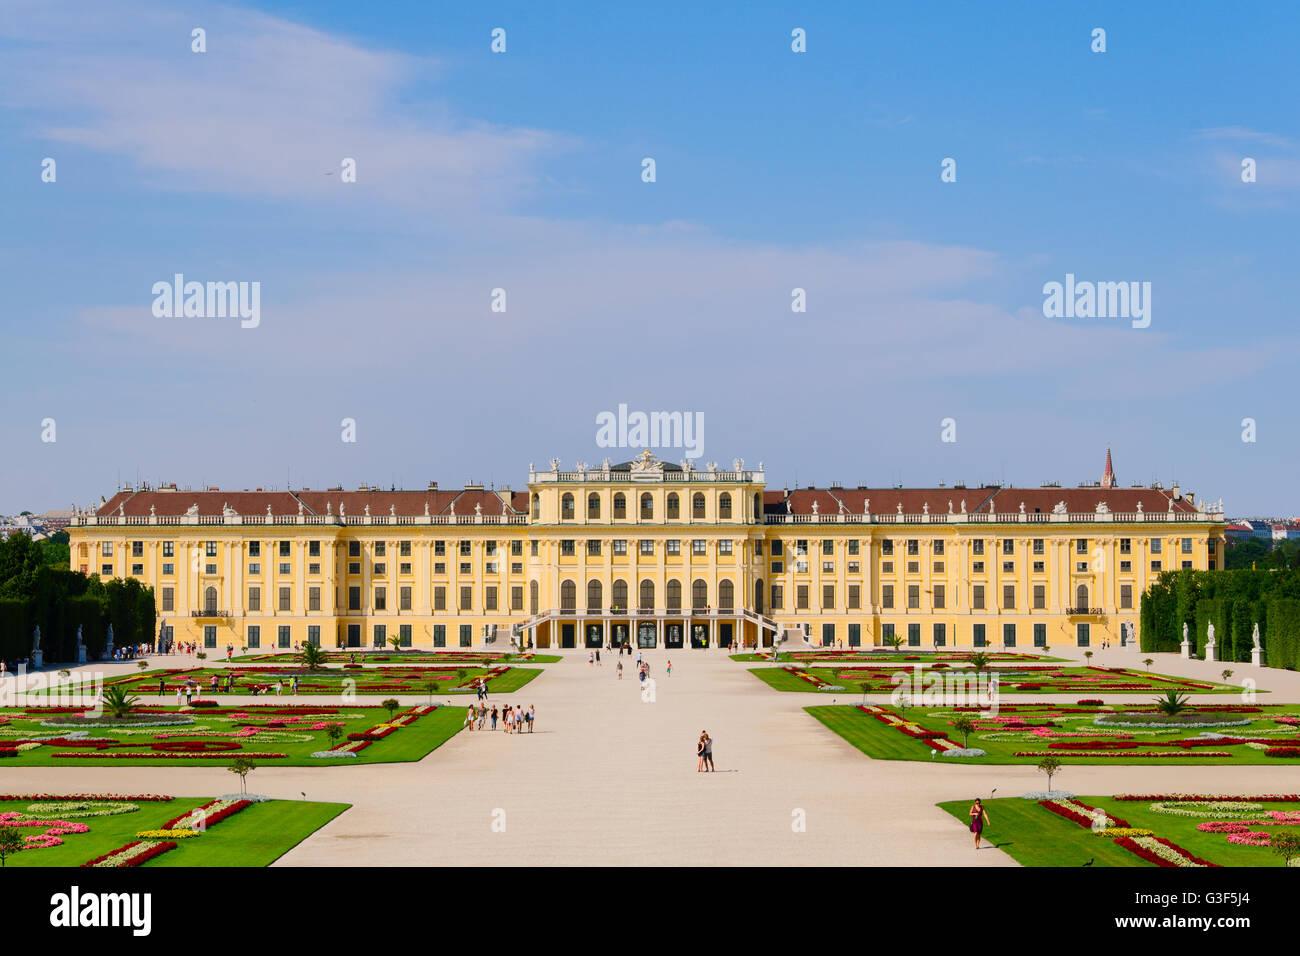 Vista panoramica del Palazzo di Schonbrunn e il suo giardino di Vienna Immagini Stock